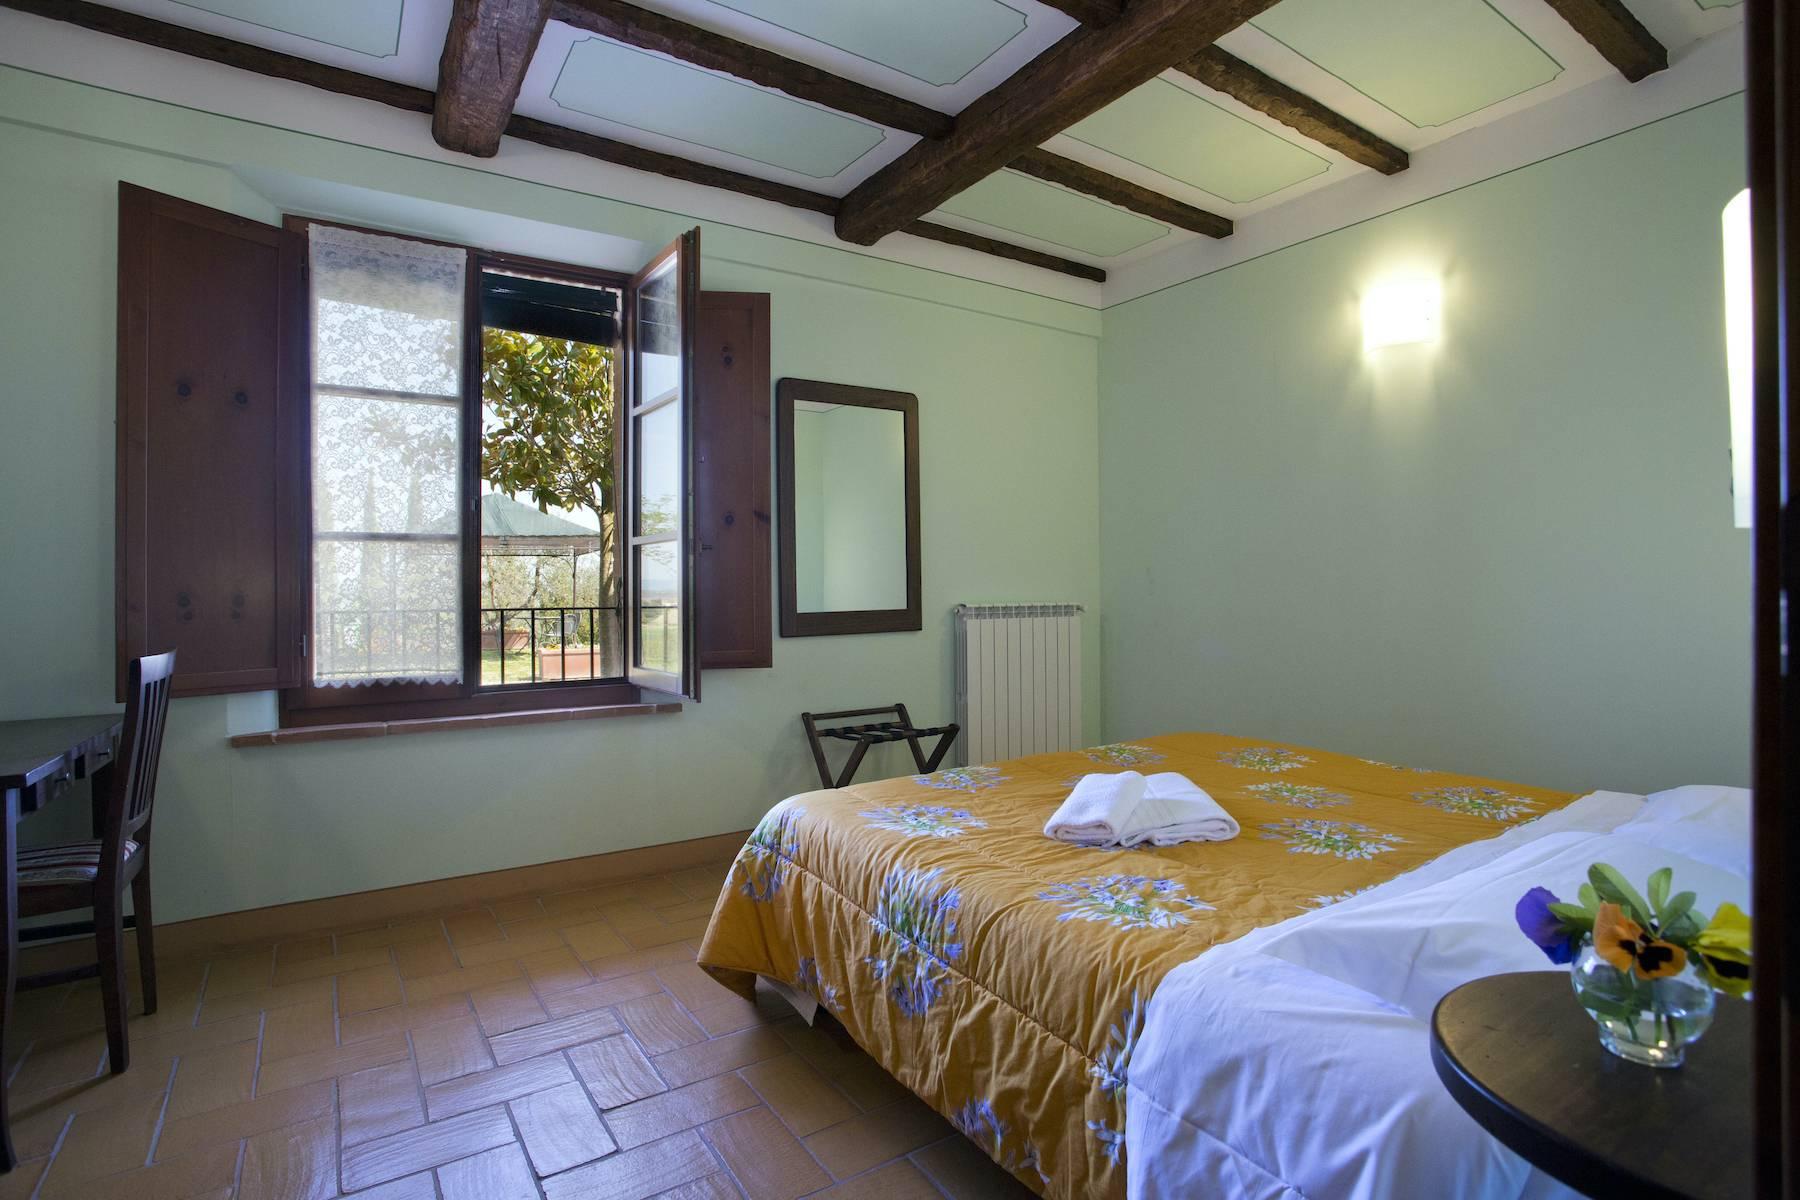 Rustico in Vendita a Montepulciano: 5 locali, 478 mq - Foto 12